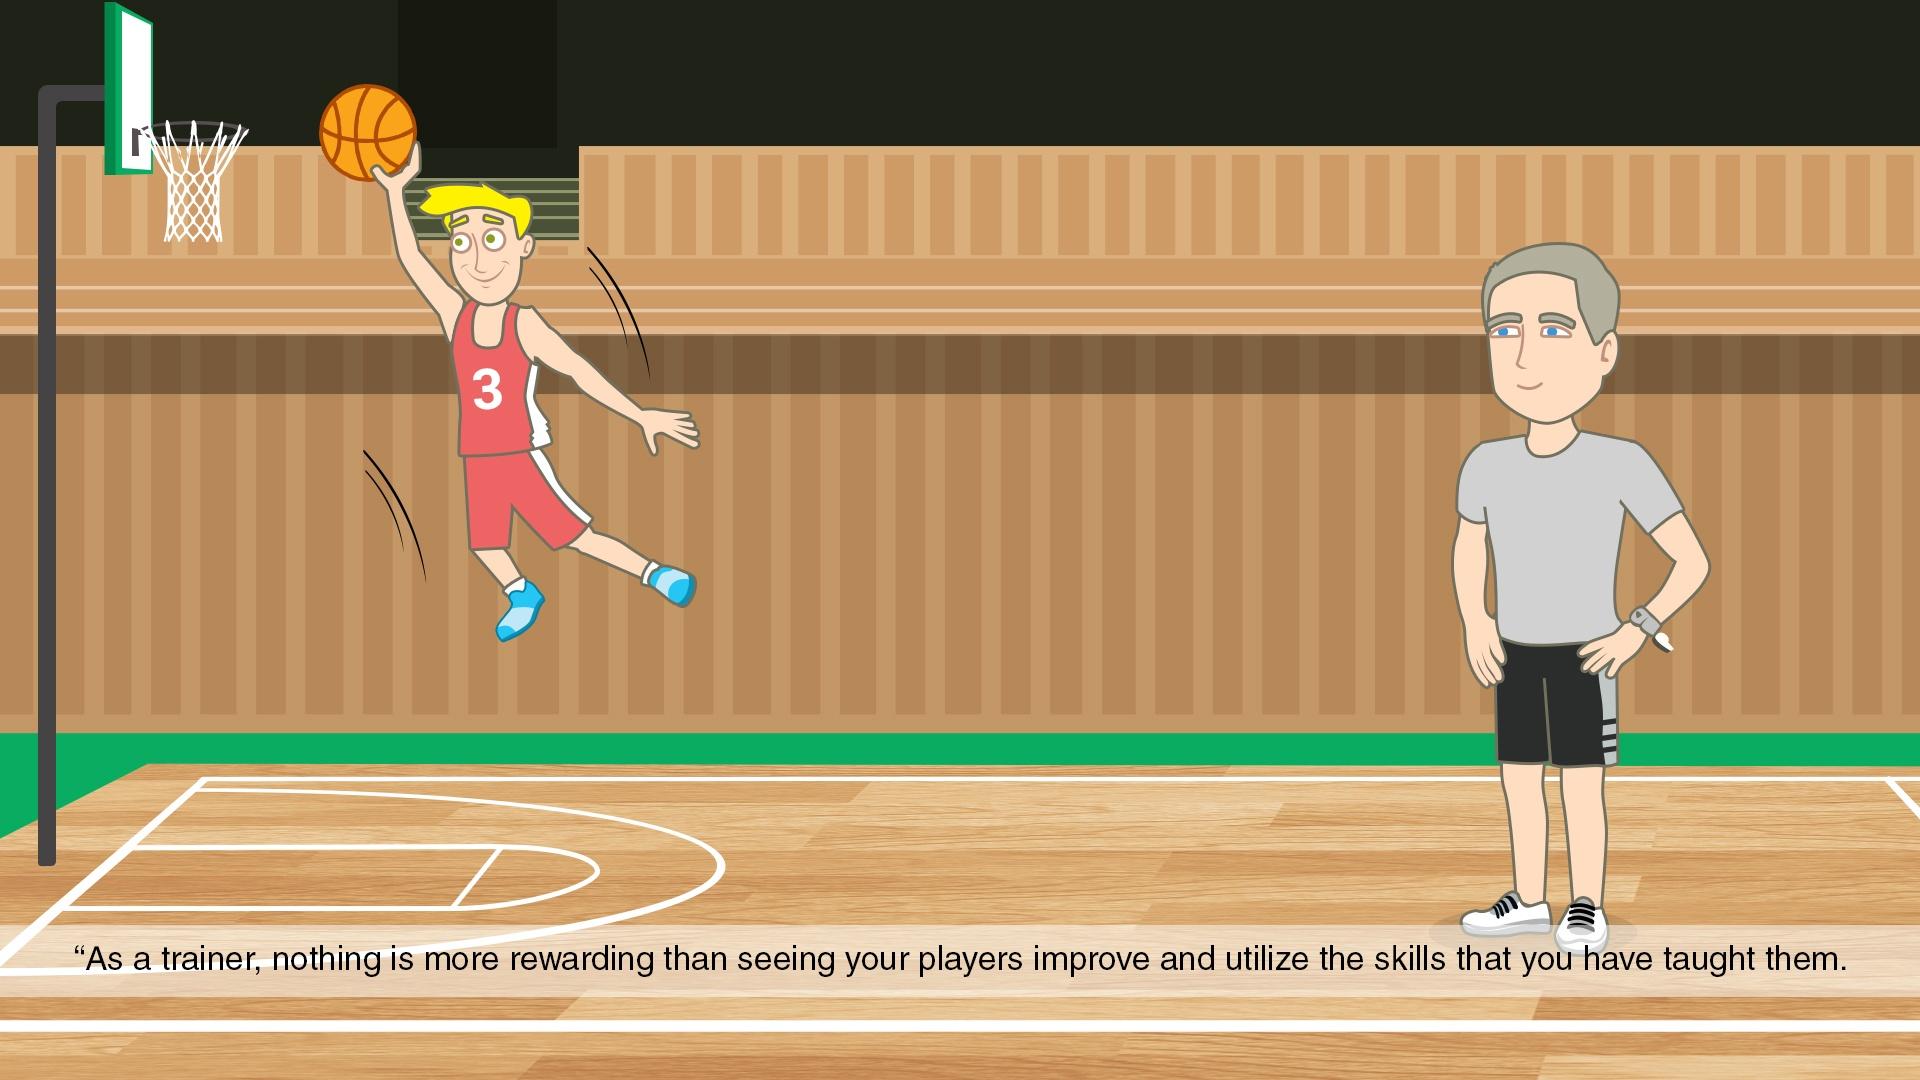 Video 3 - Trainer Rewarding